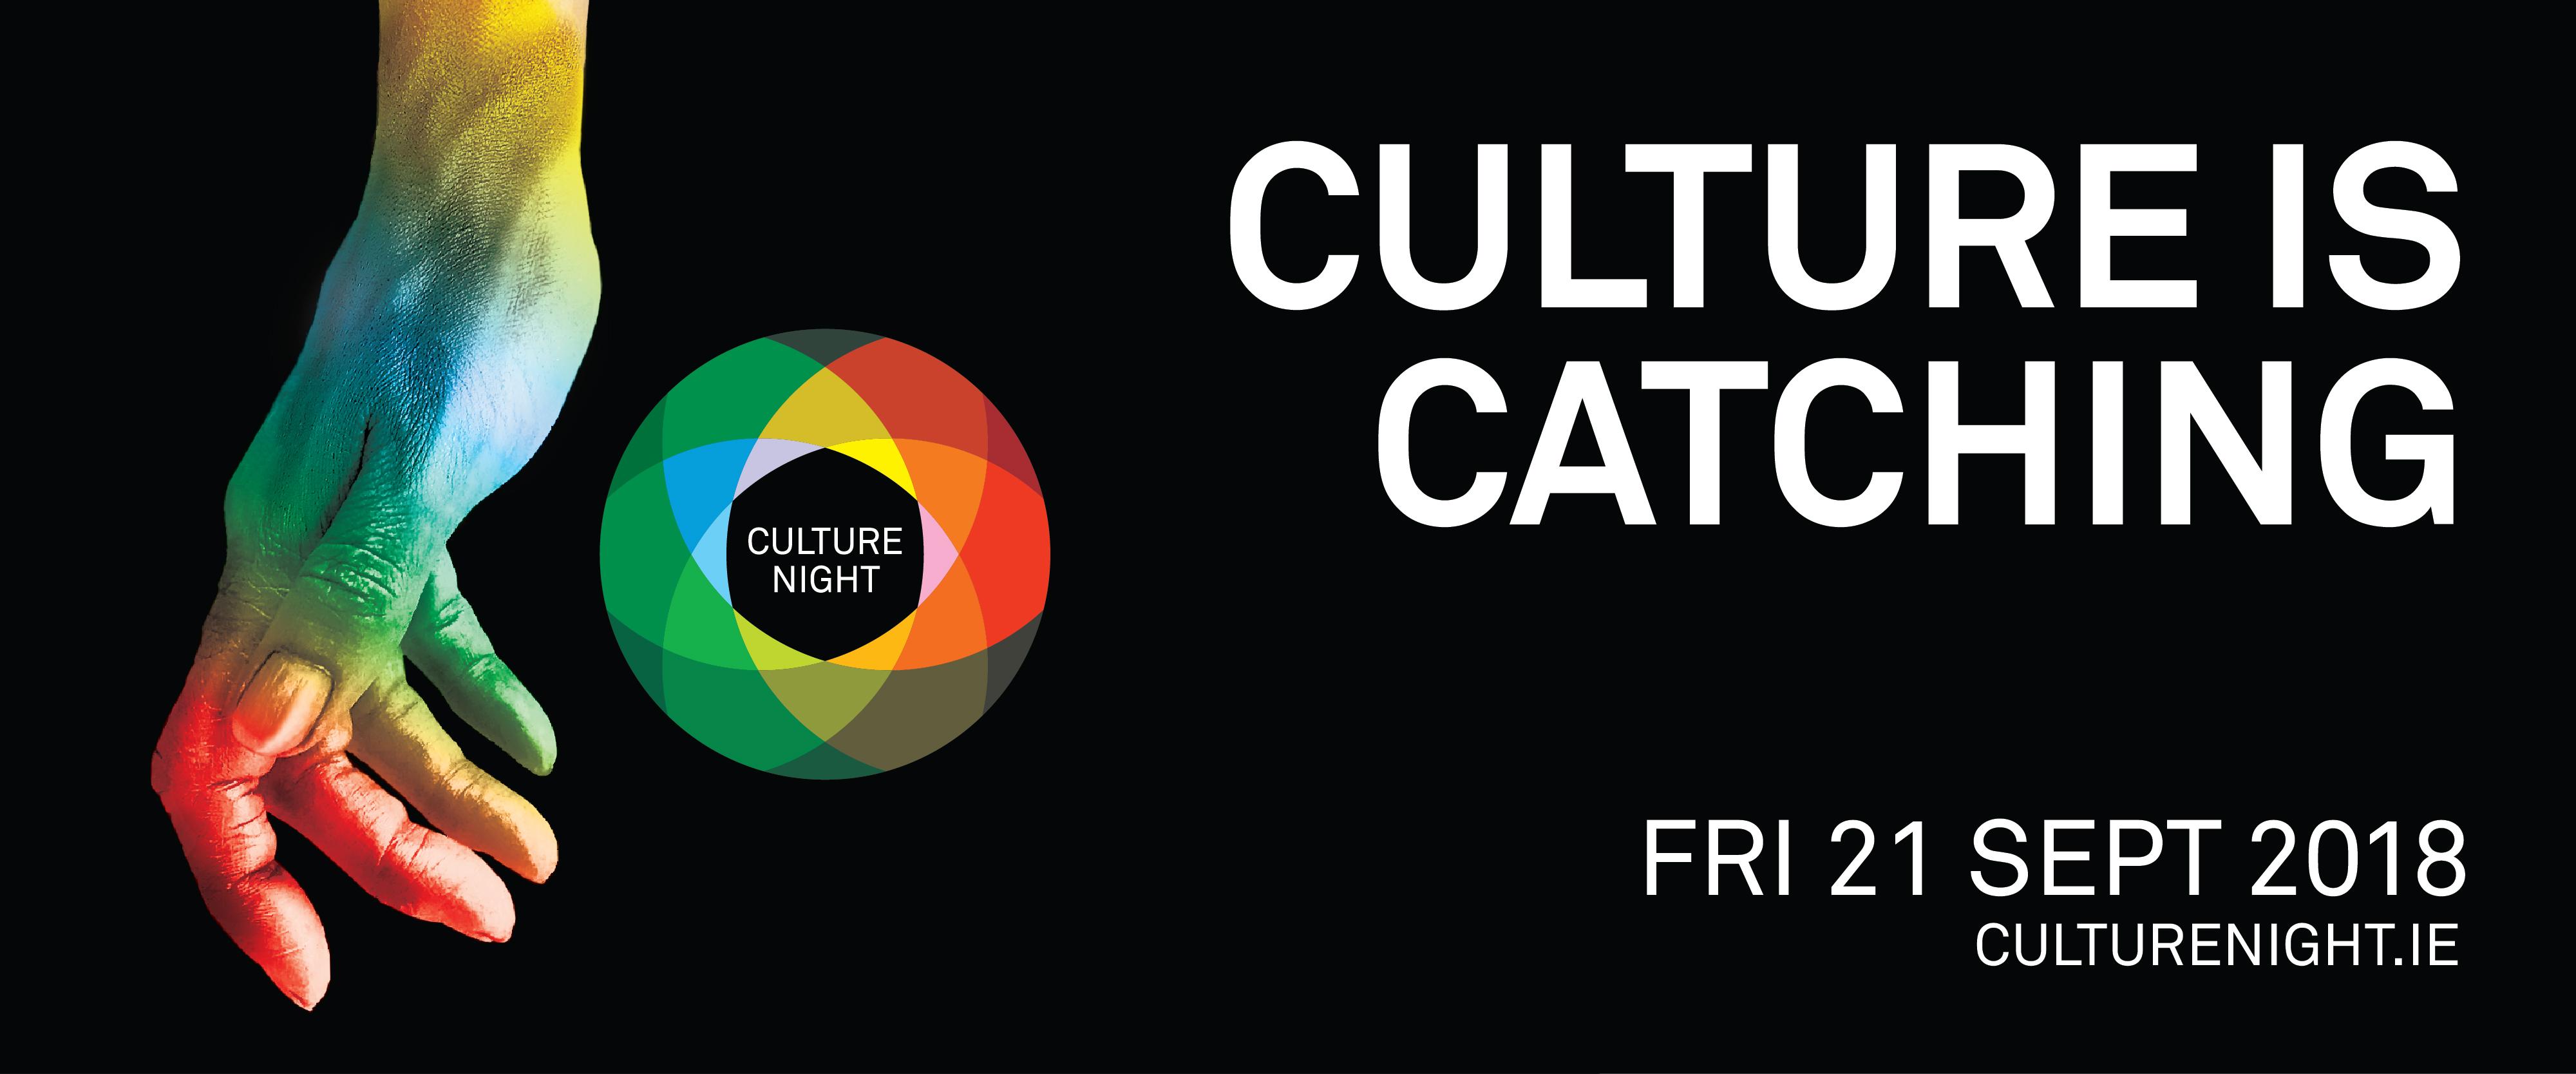 Culture Night 2018